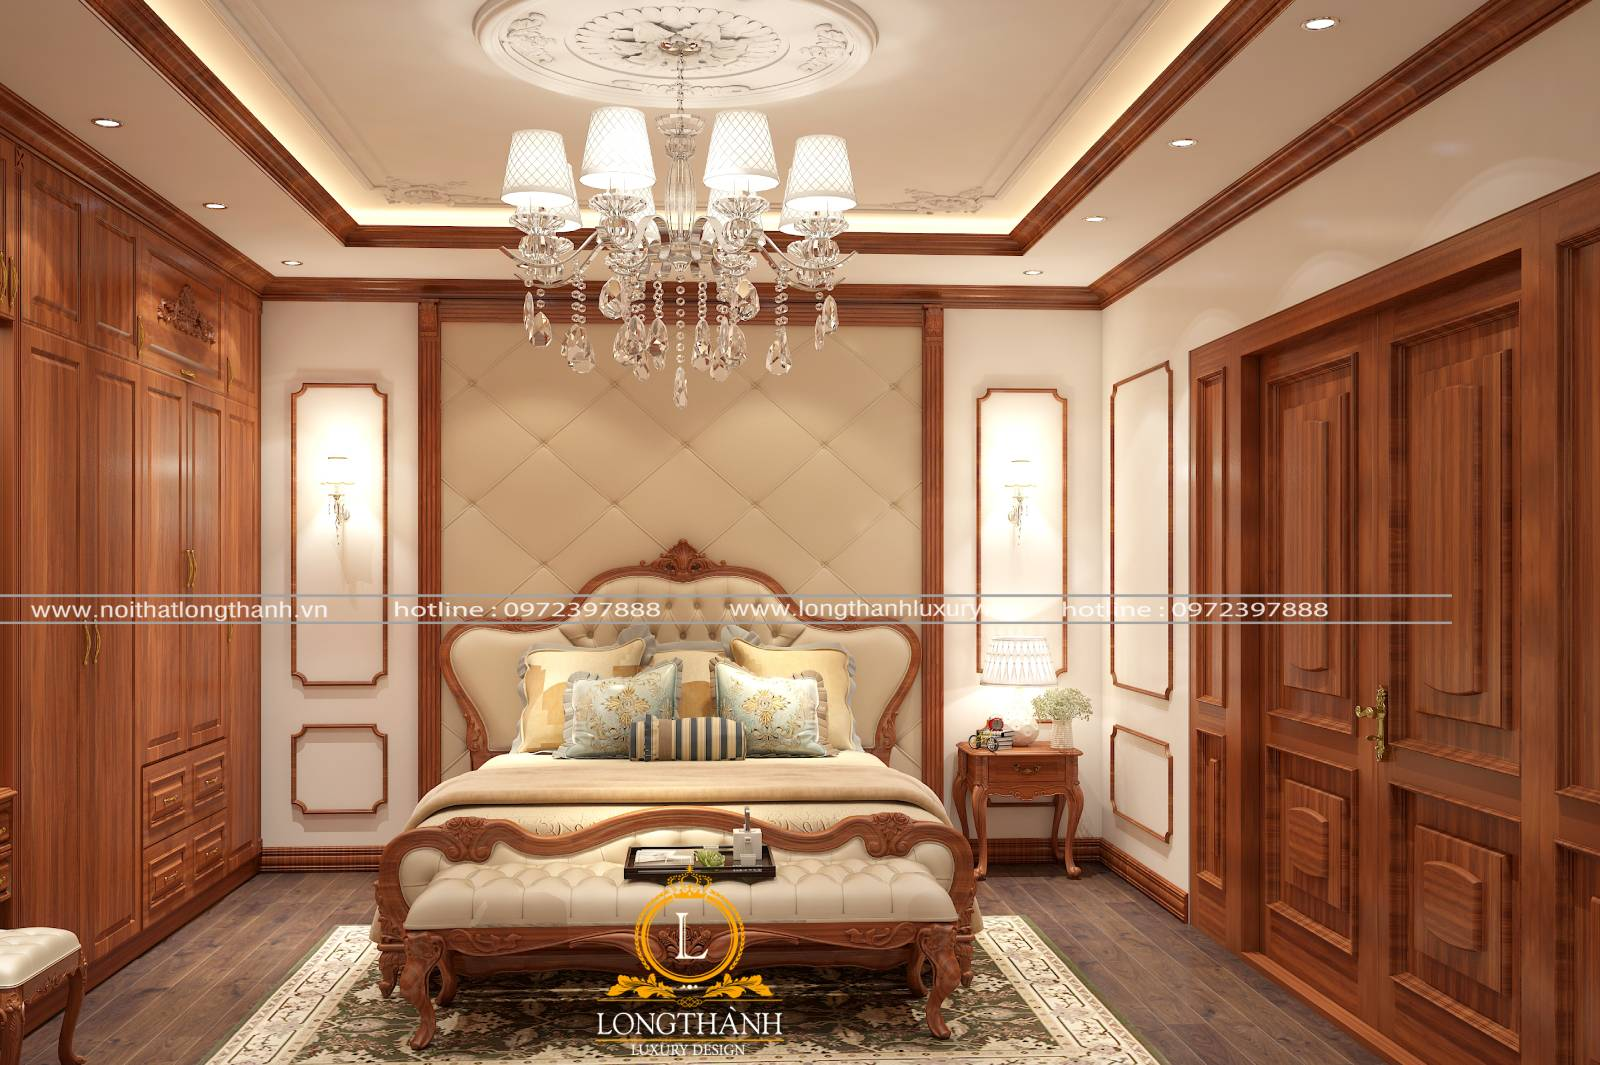 Mẫu giường ngủ master tân cổ điển gỗ Gõ đỏ kết hợp da tự nhiên